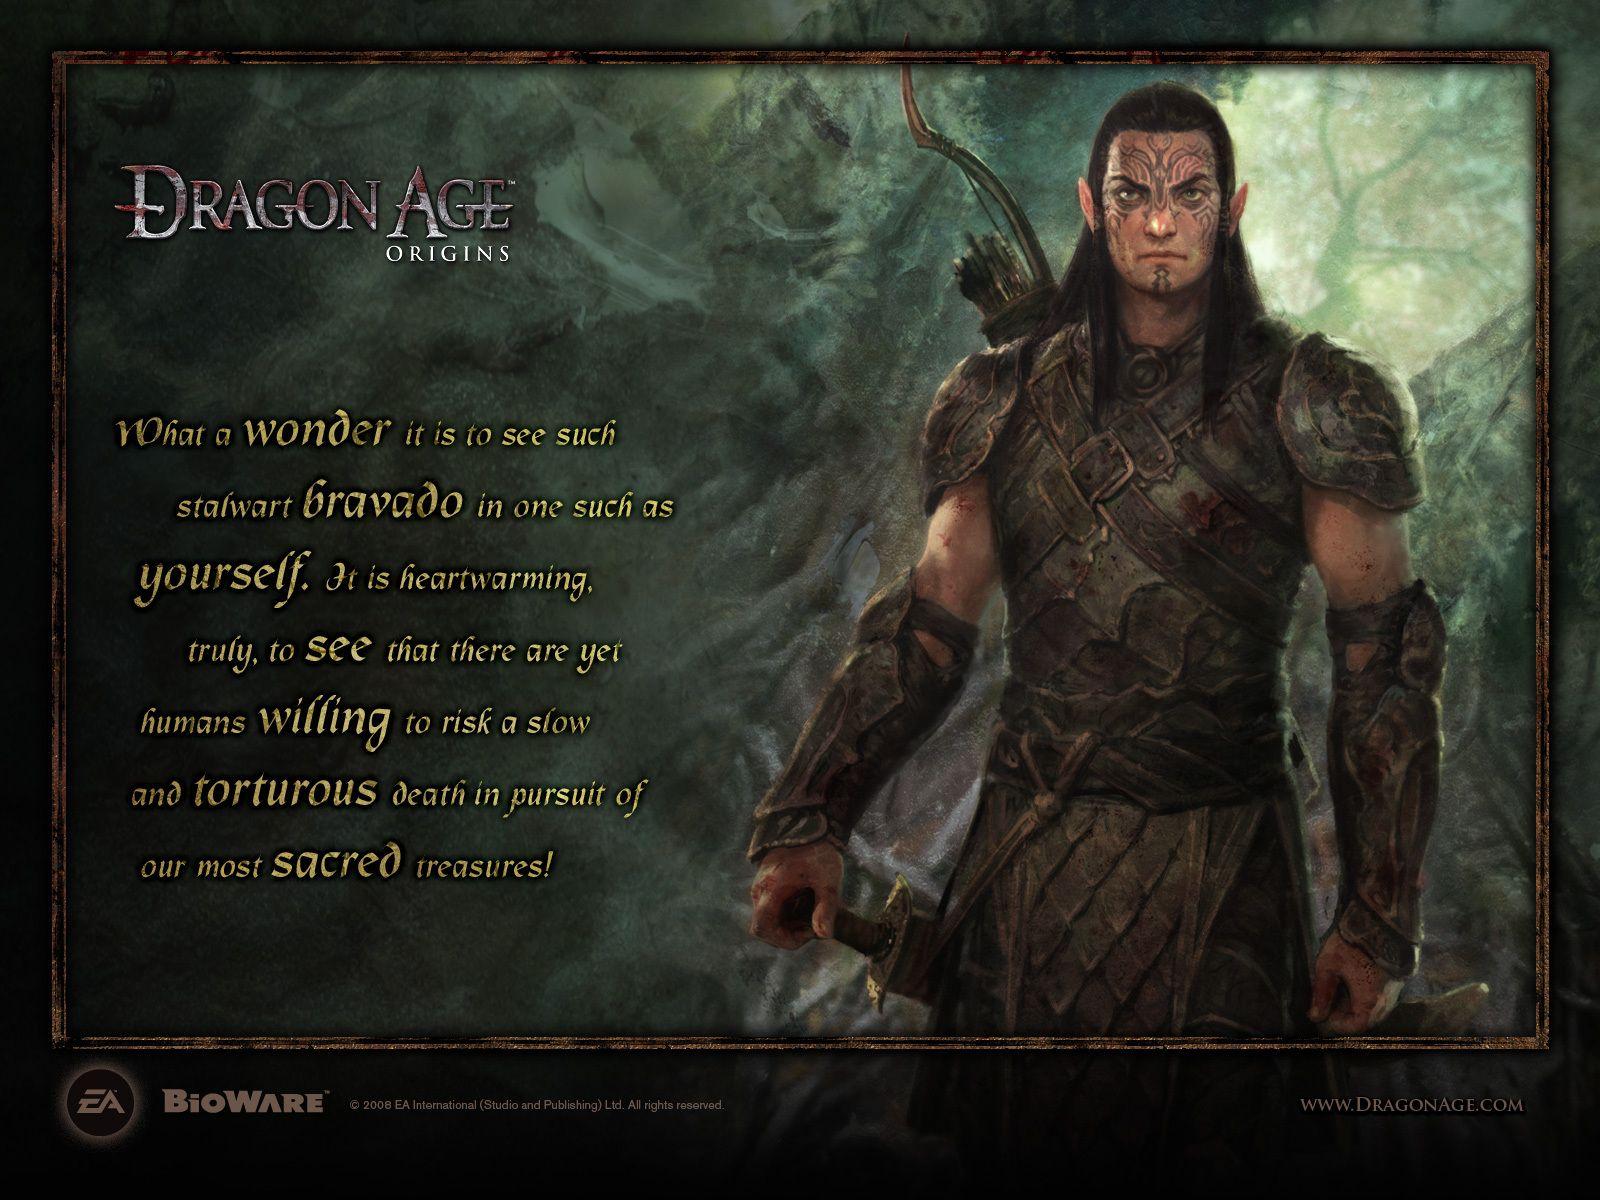 Dragon Age Origins Dalish Elf Origins Age Of Dragons Dragon